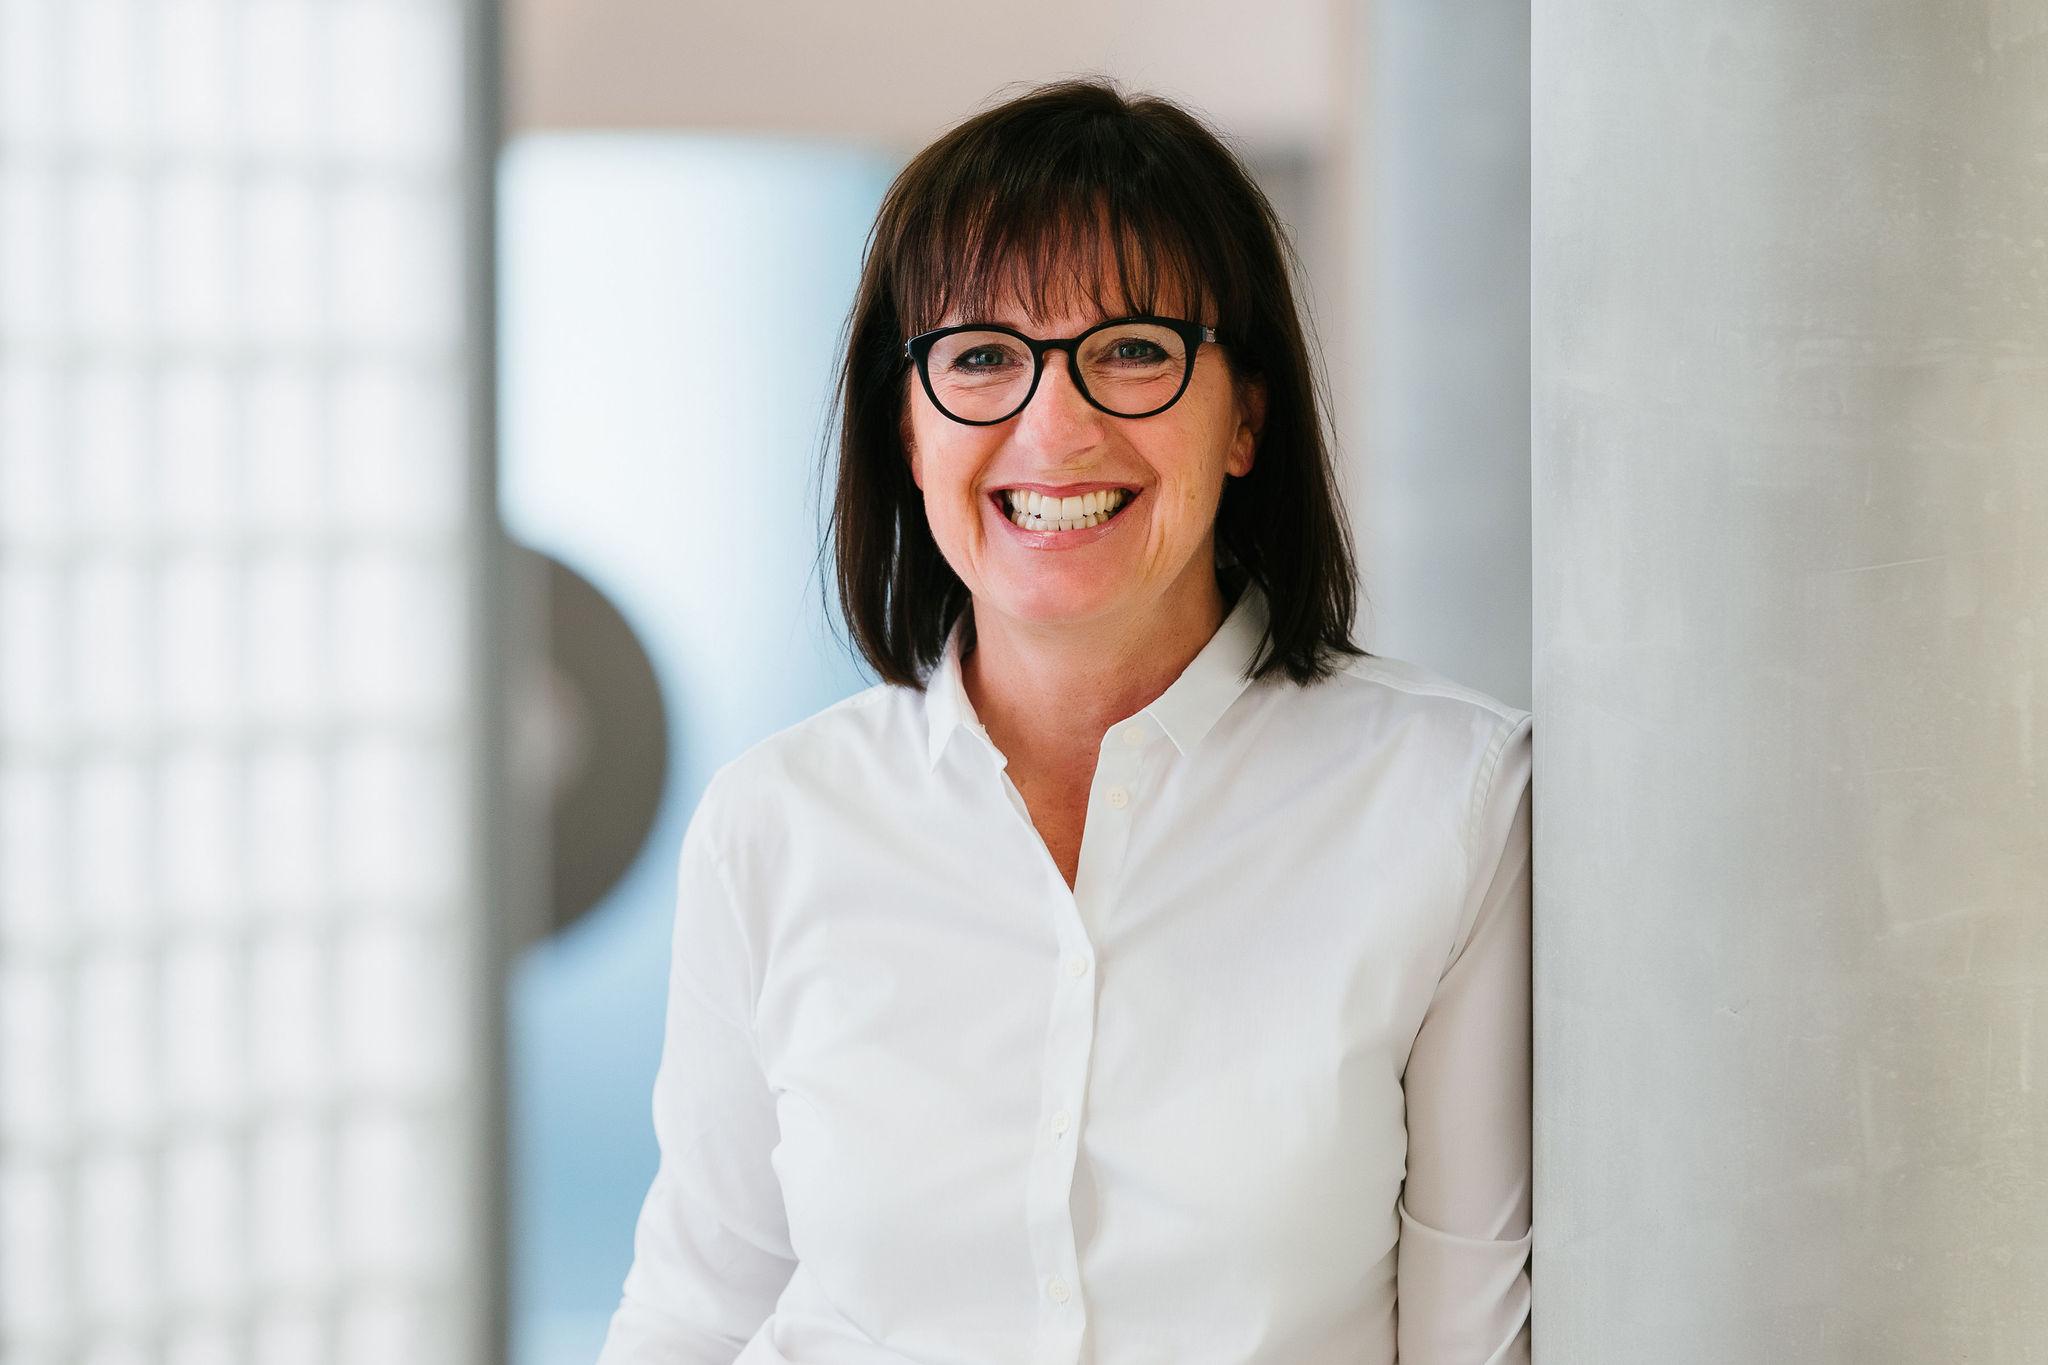 Interview mit Zahnärztin Dr. Edwina Birk aus Wiesloch